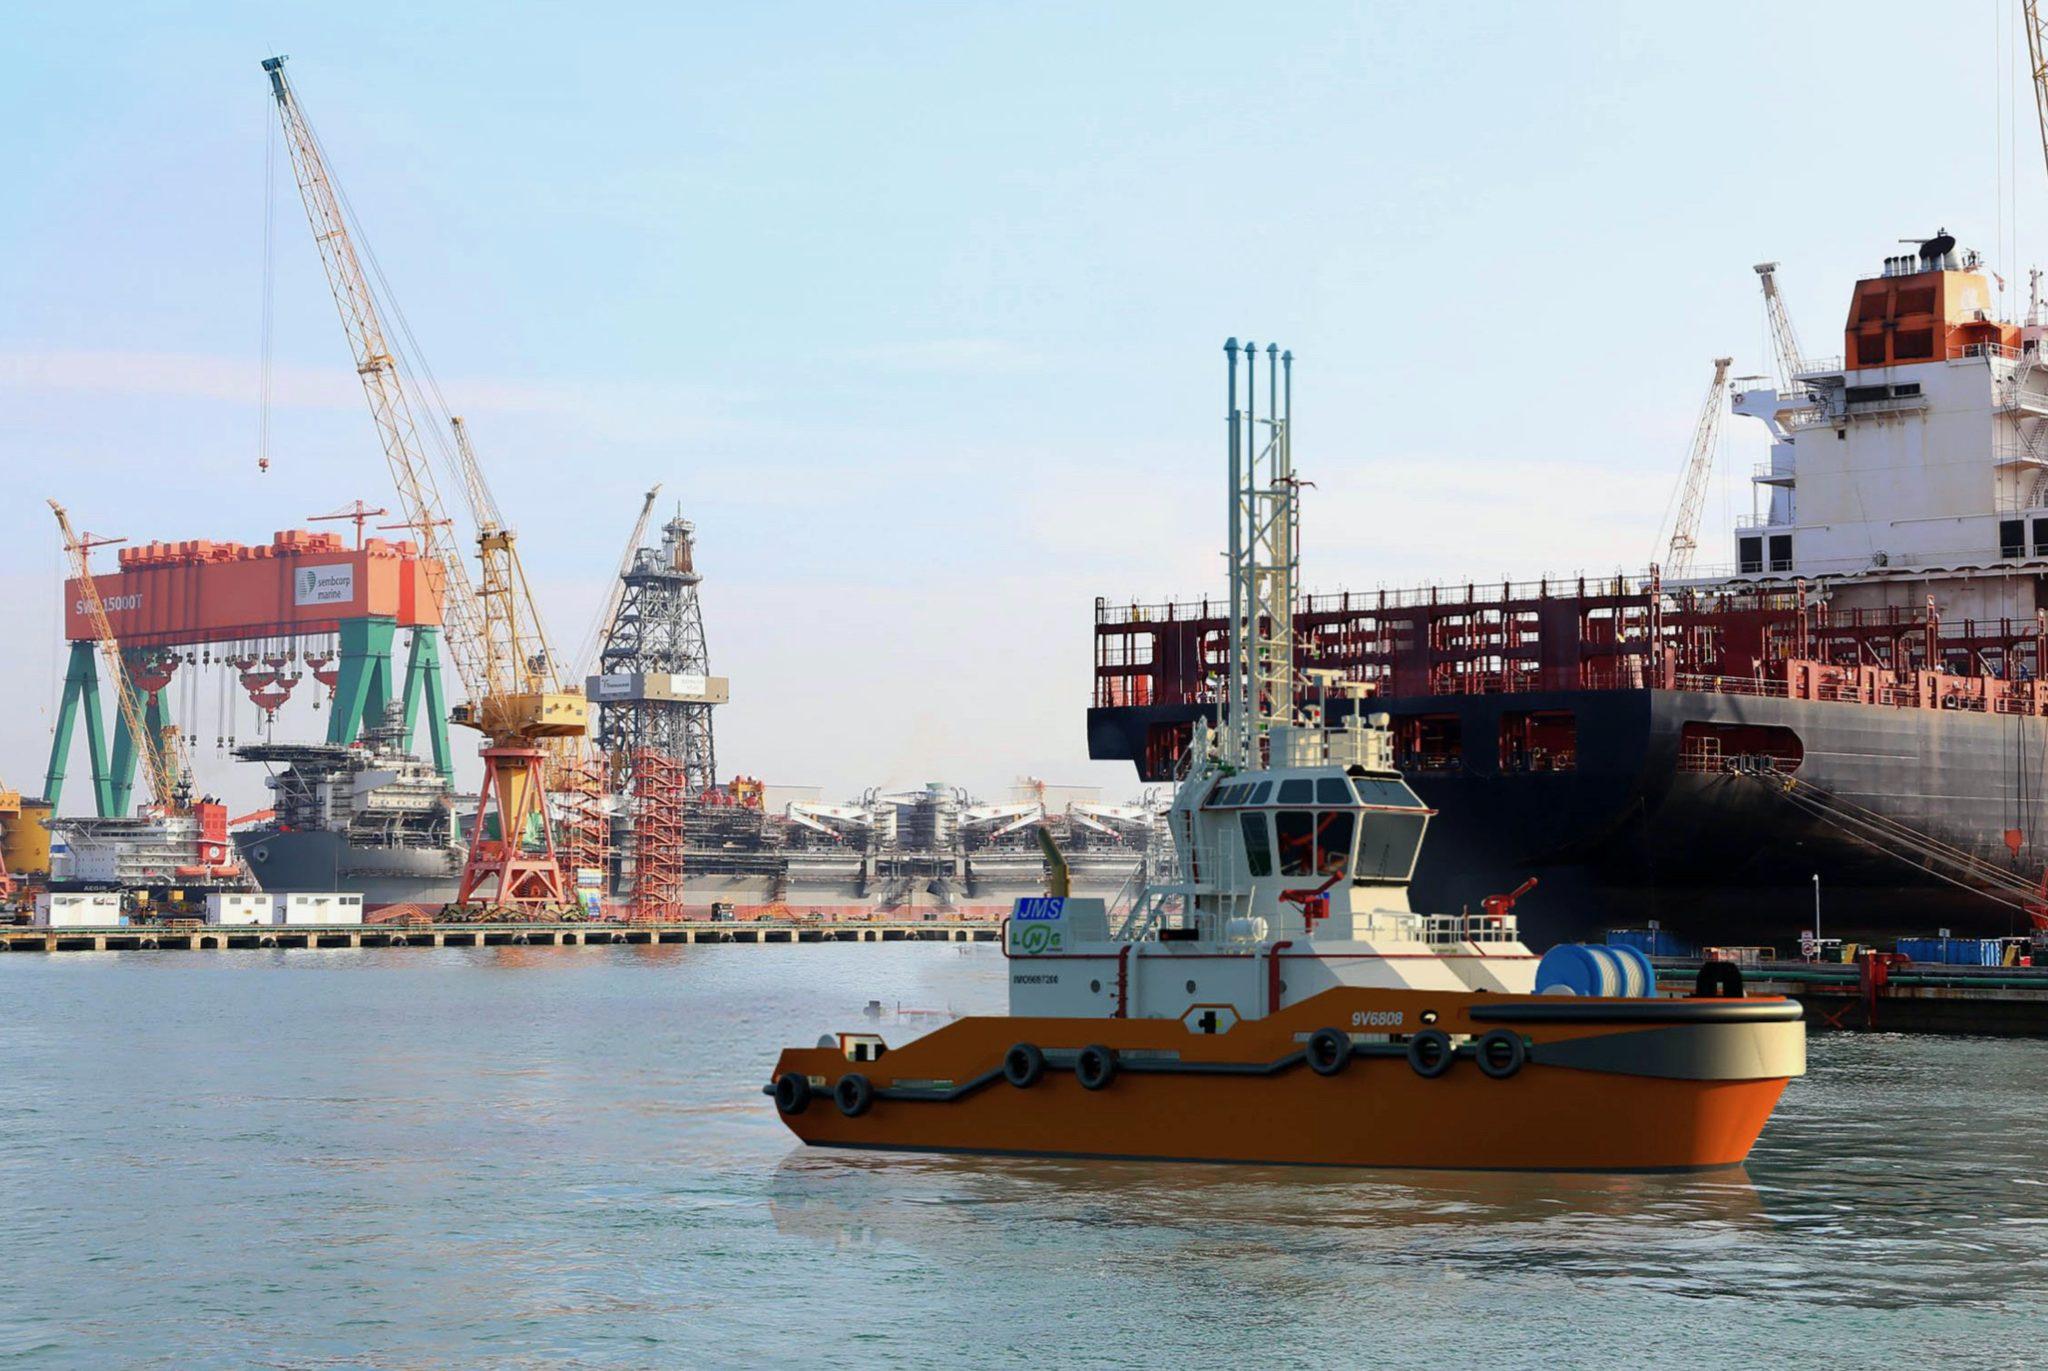 De haven van Singapore krijgt een vloot van 12 van deze hybride havenslepers. Ze kunnen op LNG en elektrisch varen. (Illustratie Sembcorp Marine)